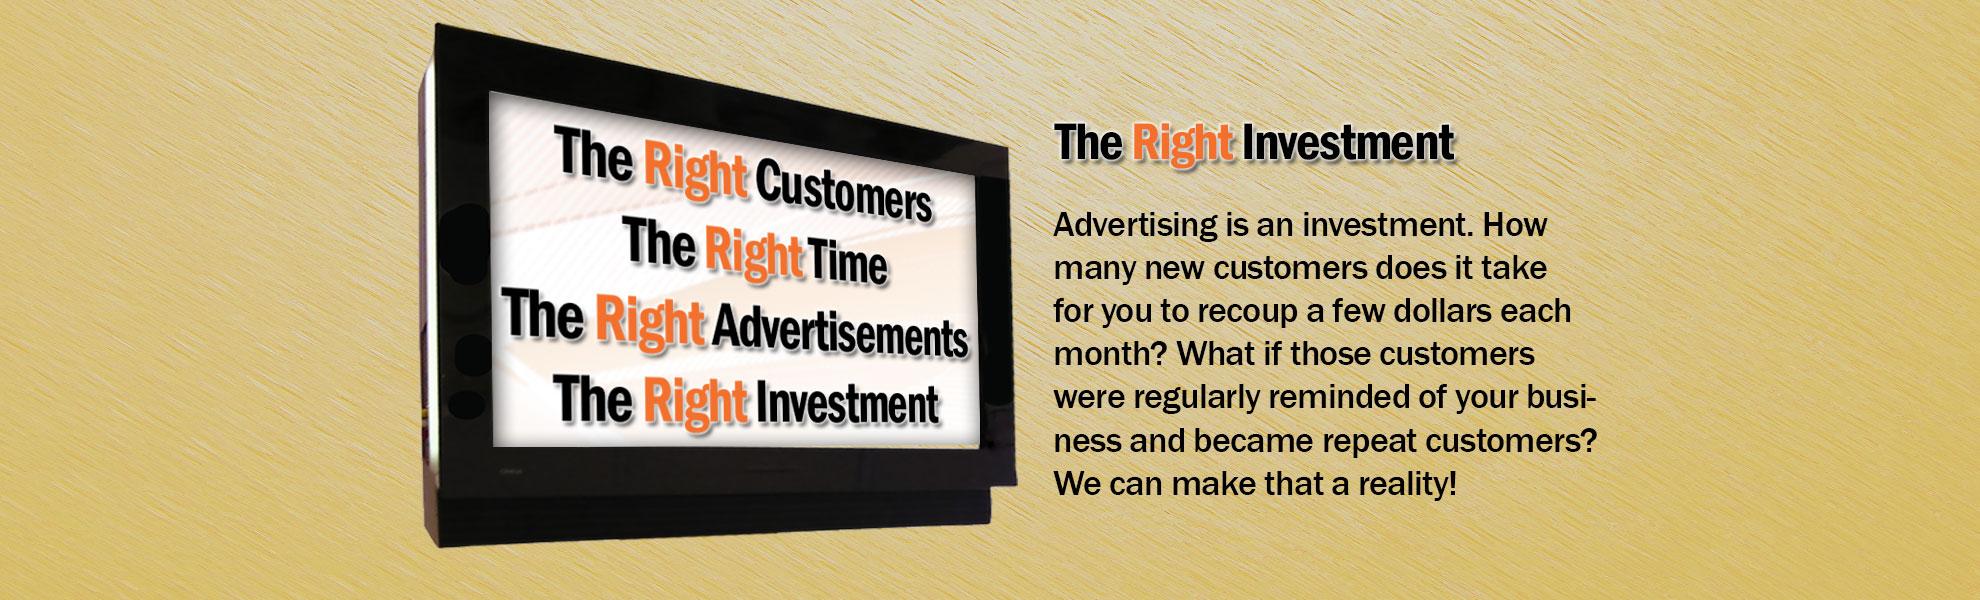 investment-slide